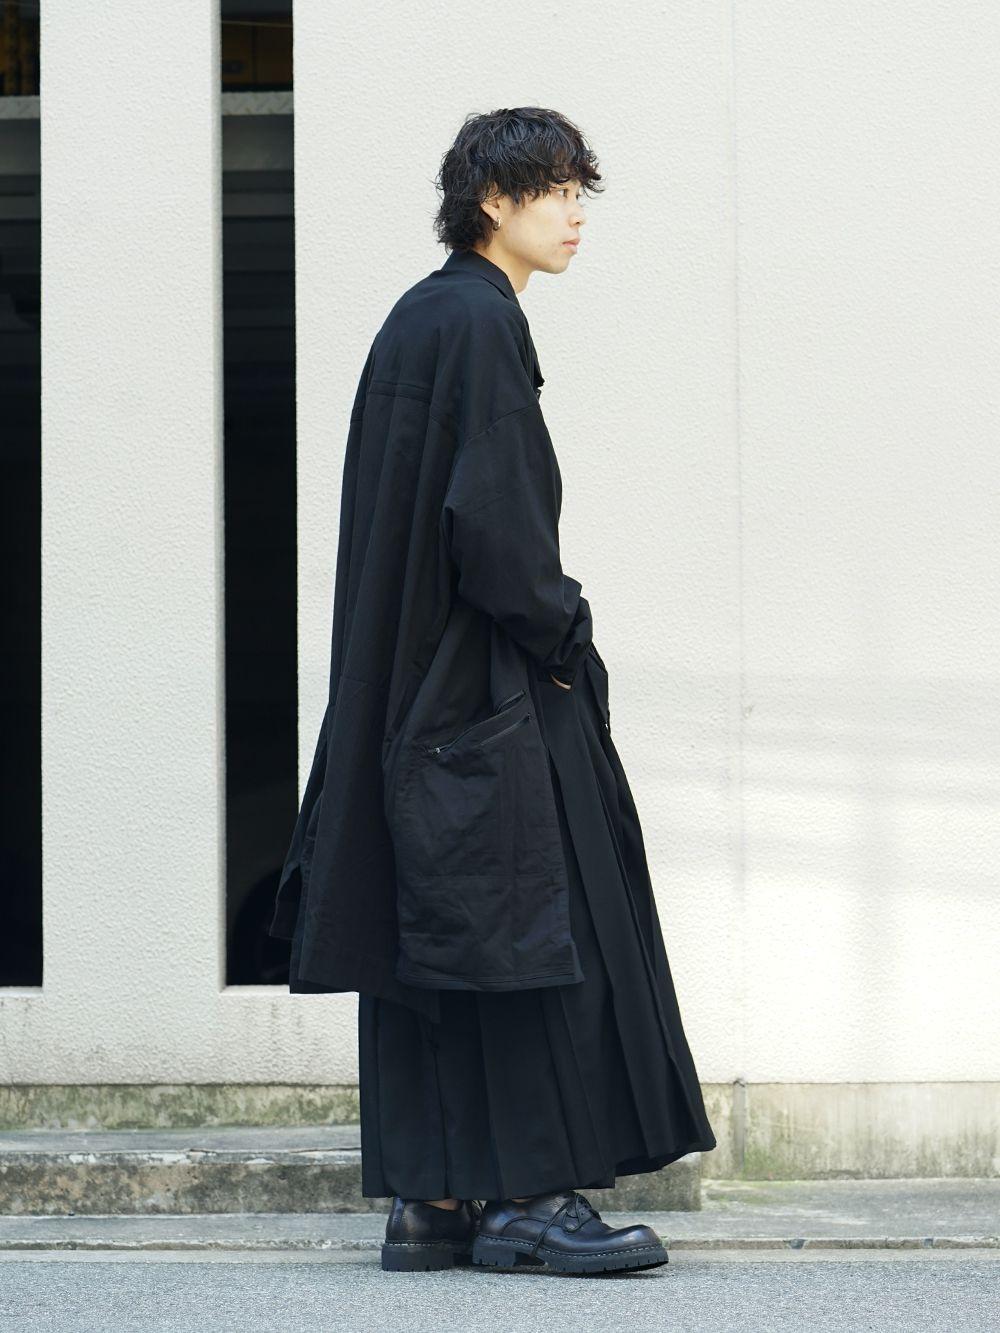 Yohji Yamamoto x B YY All Black Style - 1-002